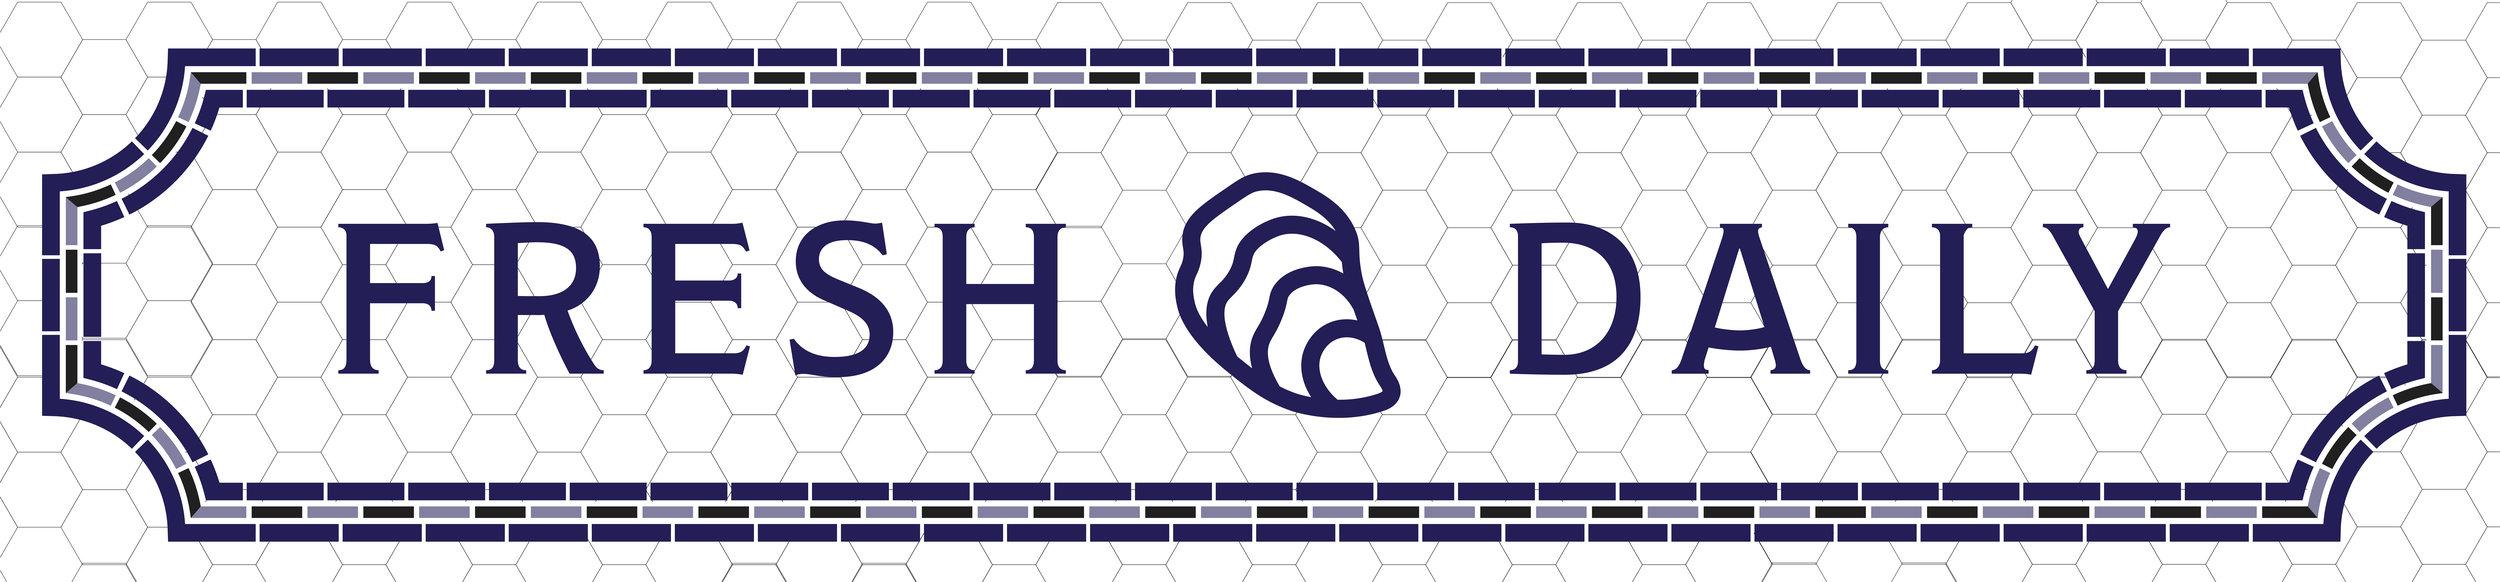 mosaic-06.jpg